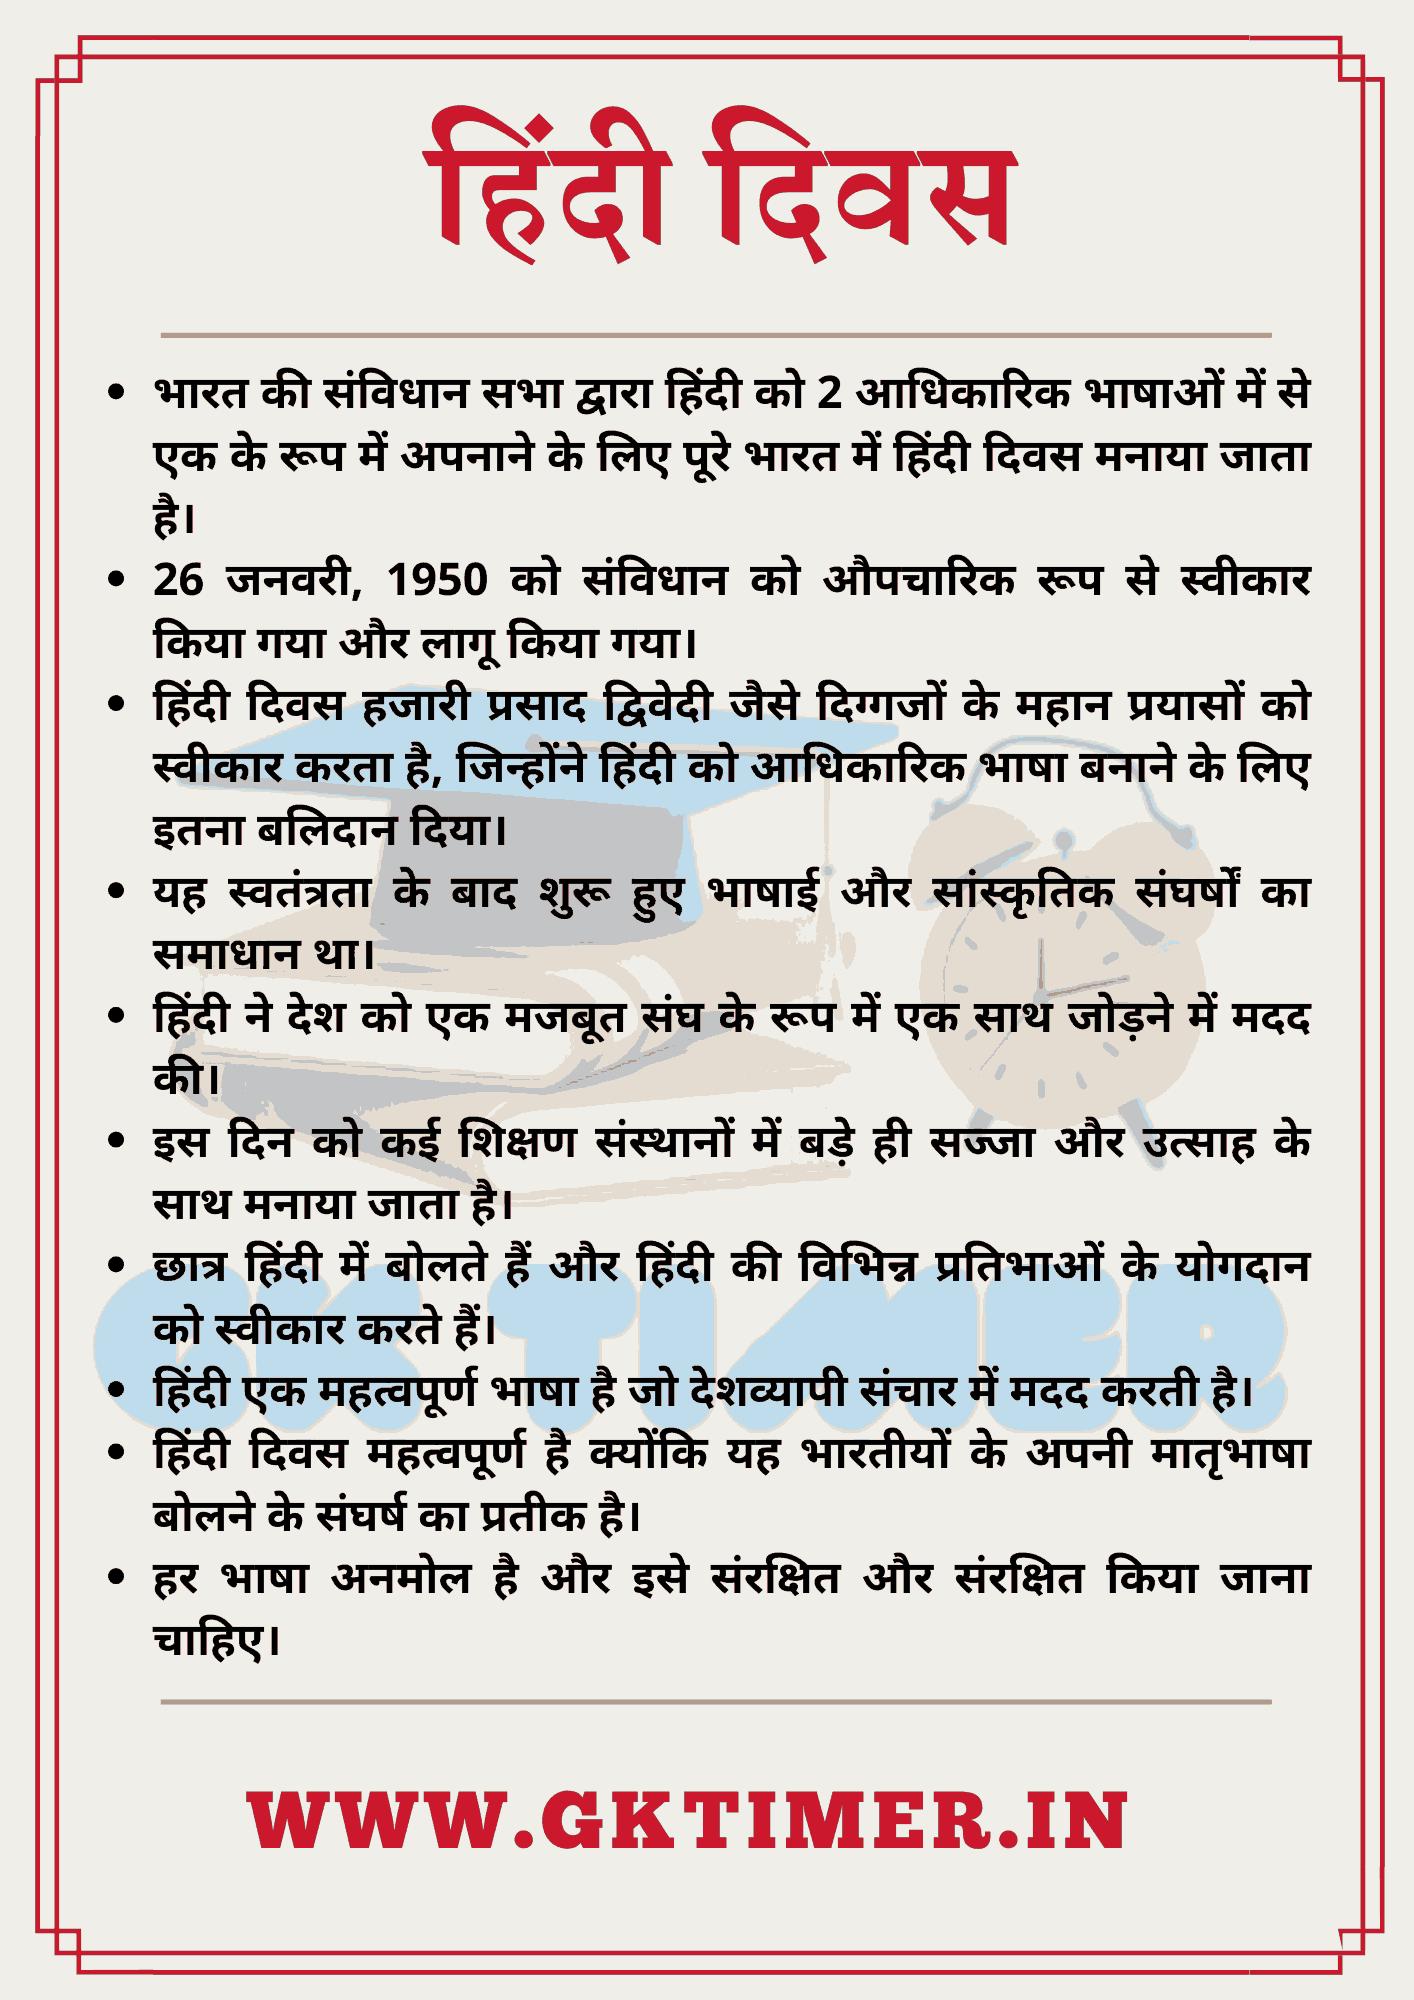 हिंदी दिवस पर निबंध   Long and Short Essay on Hindi Diwas in Hindi   10 Lines on Hindi Diwas in Hindi